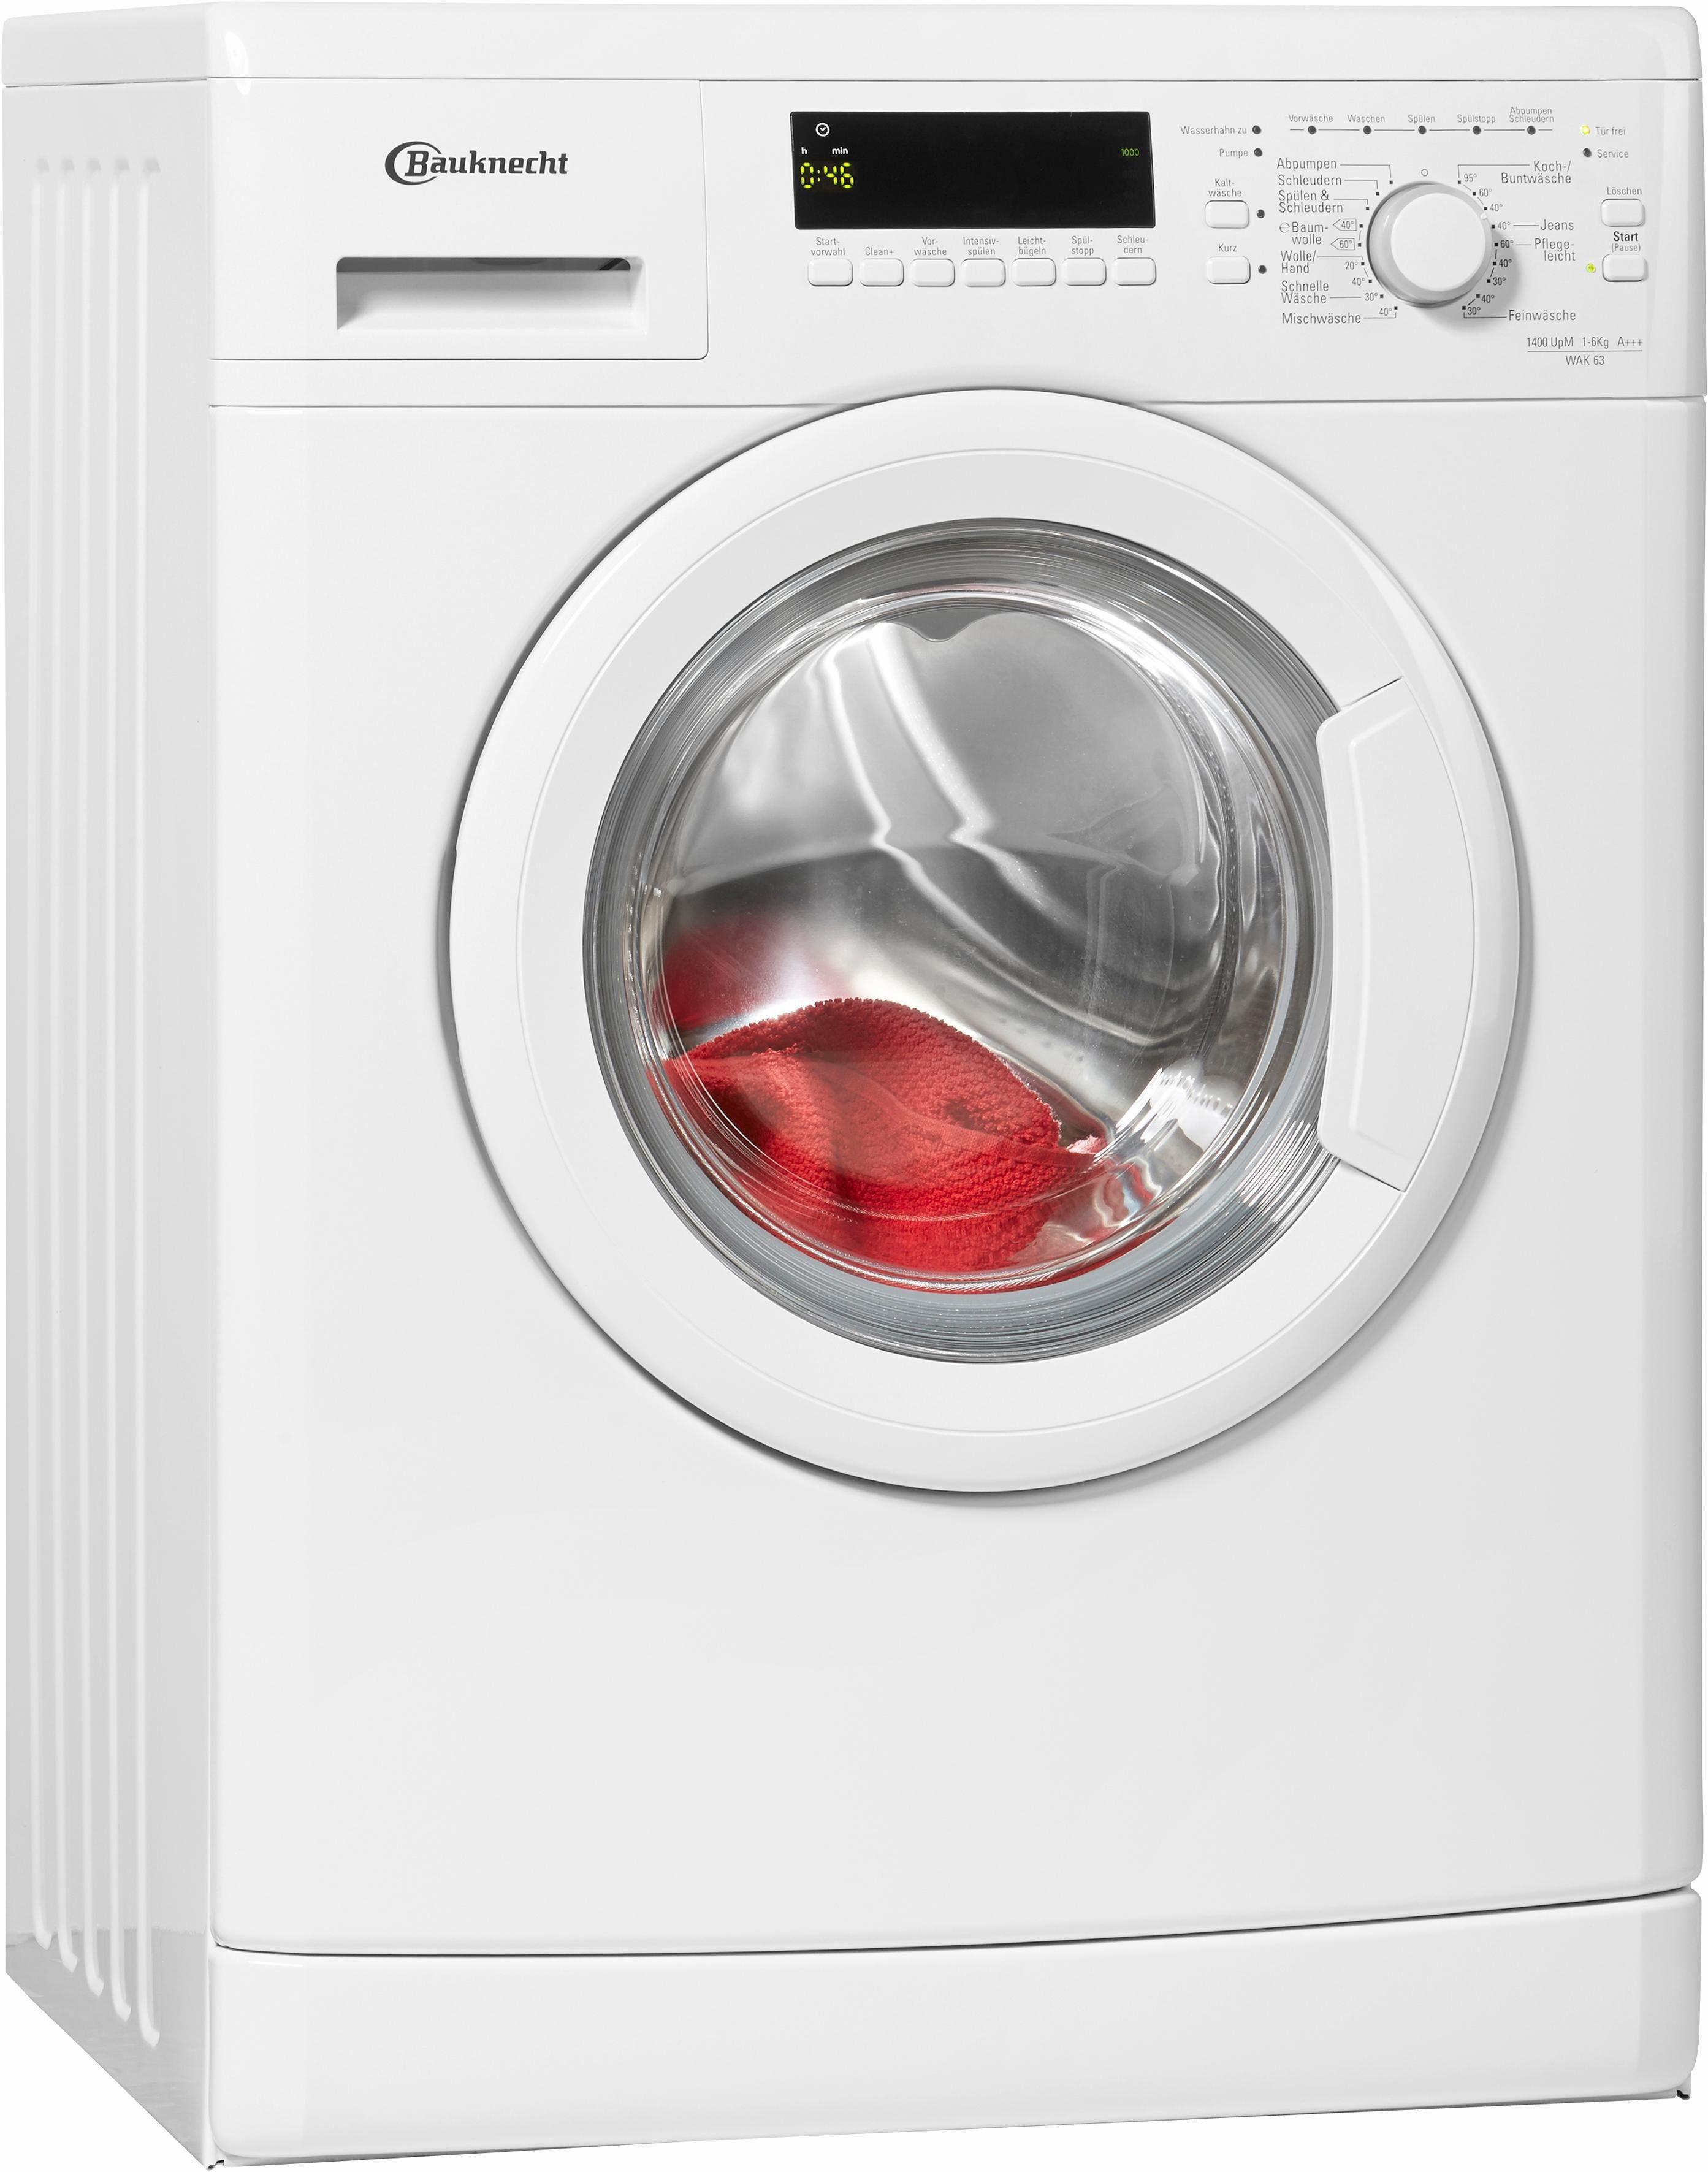 BAUKNECHT Waschmaschine WAK 63, 6 kg, 1400 U/Min